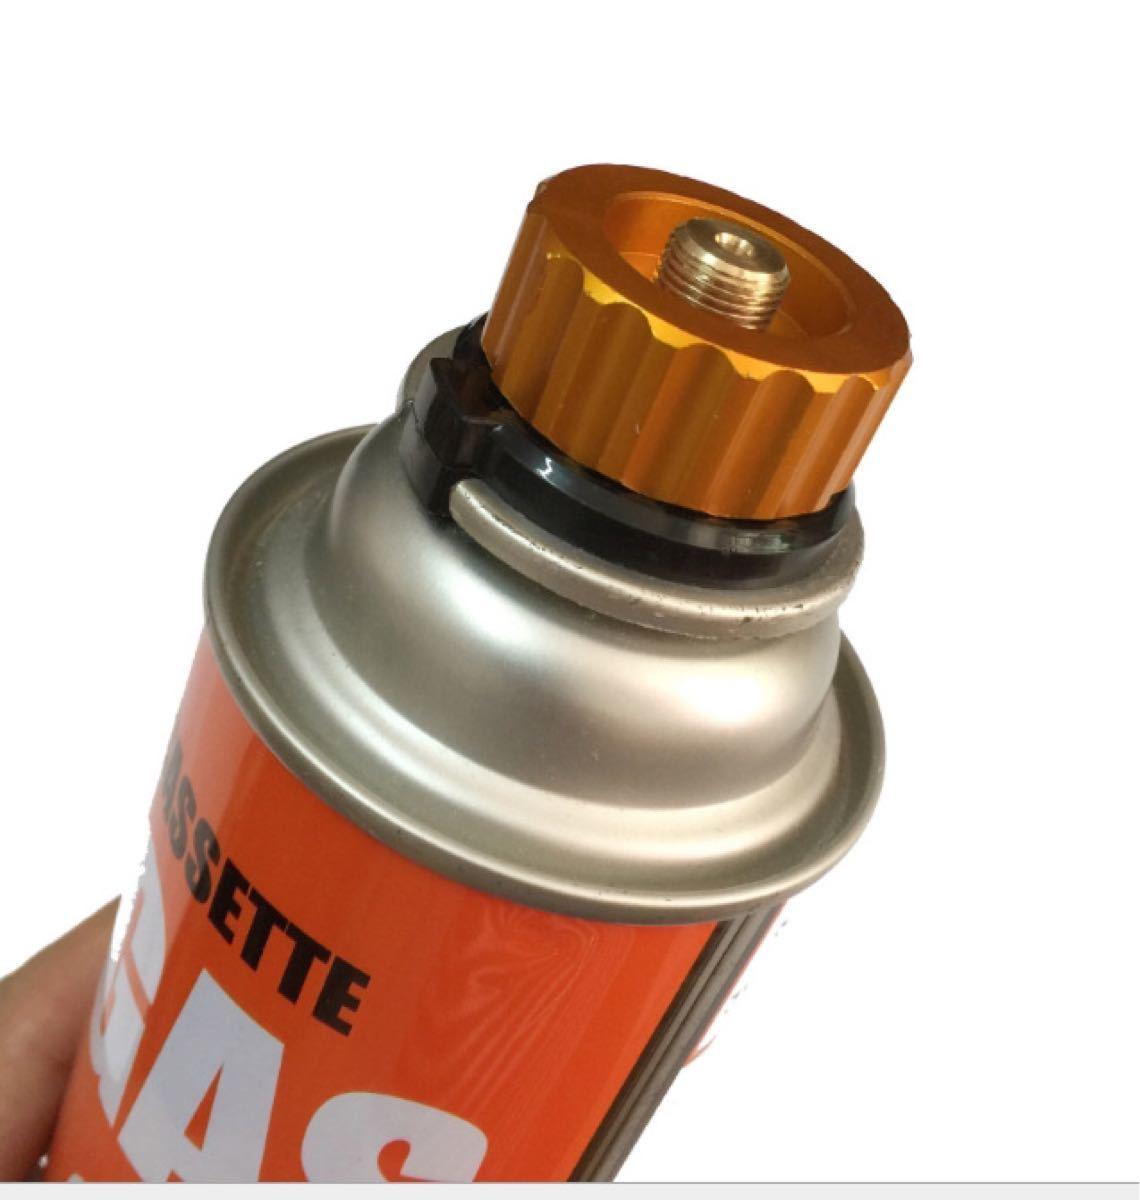 ガス変換アダプター CB缶→OD缶 2個セット キャンプ アウトドア キャンプ